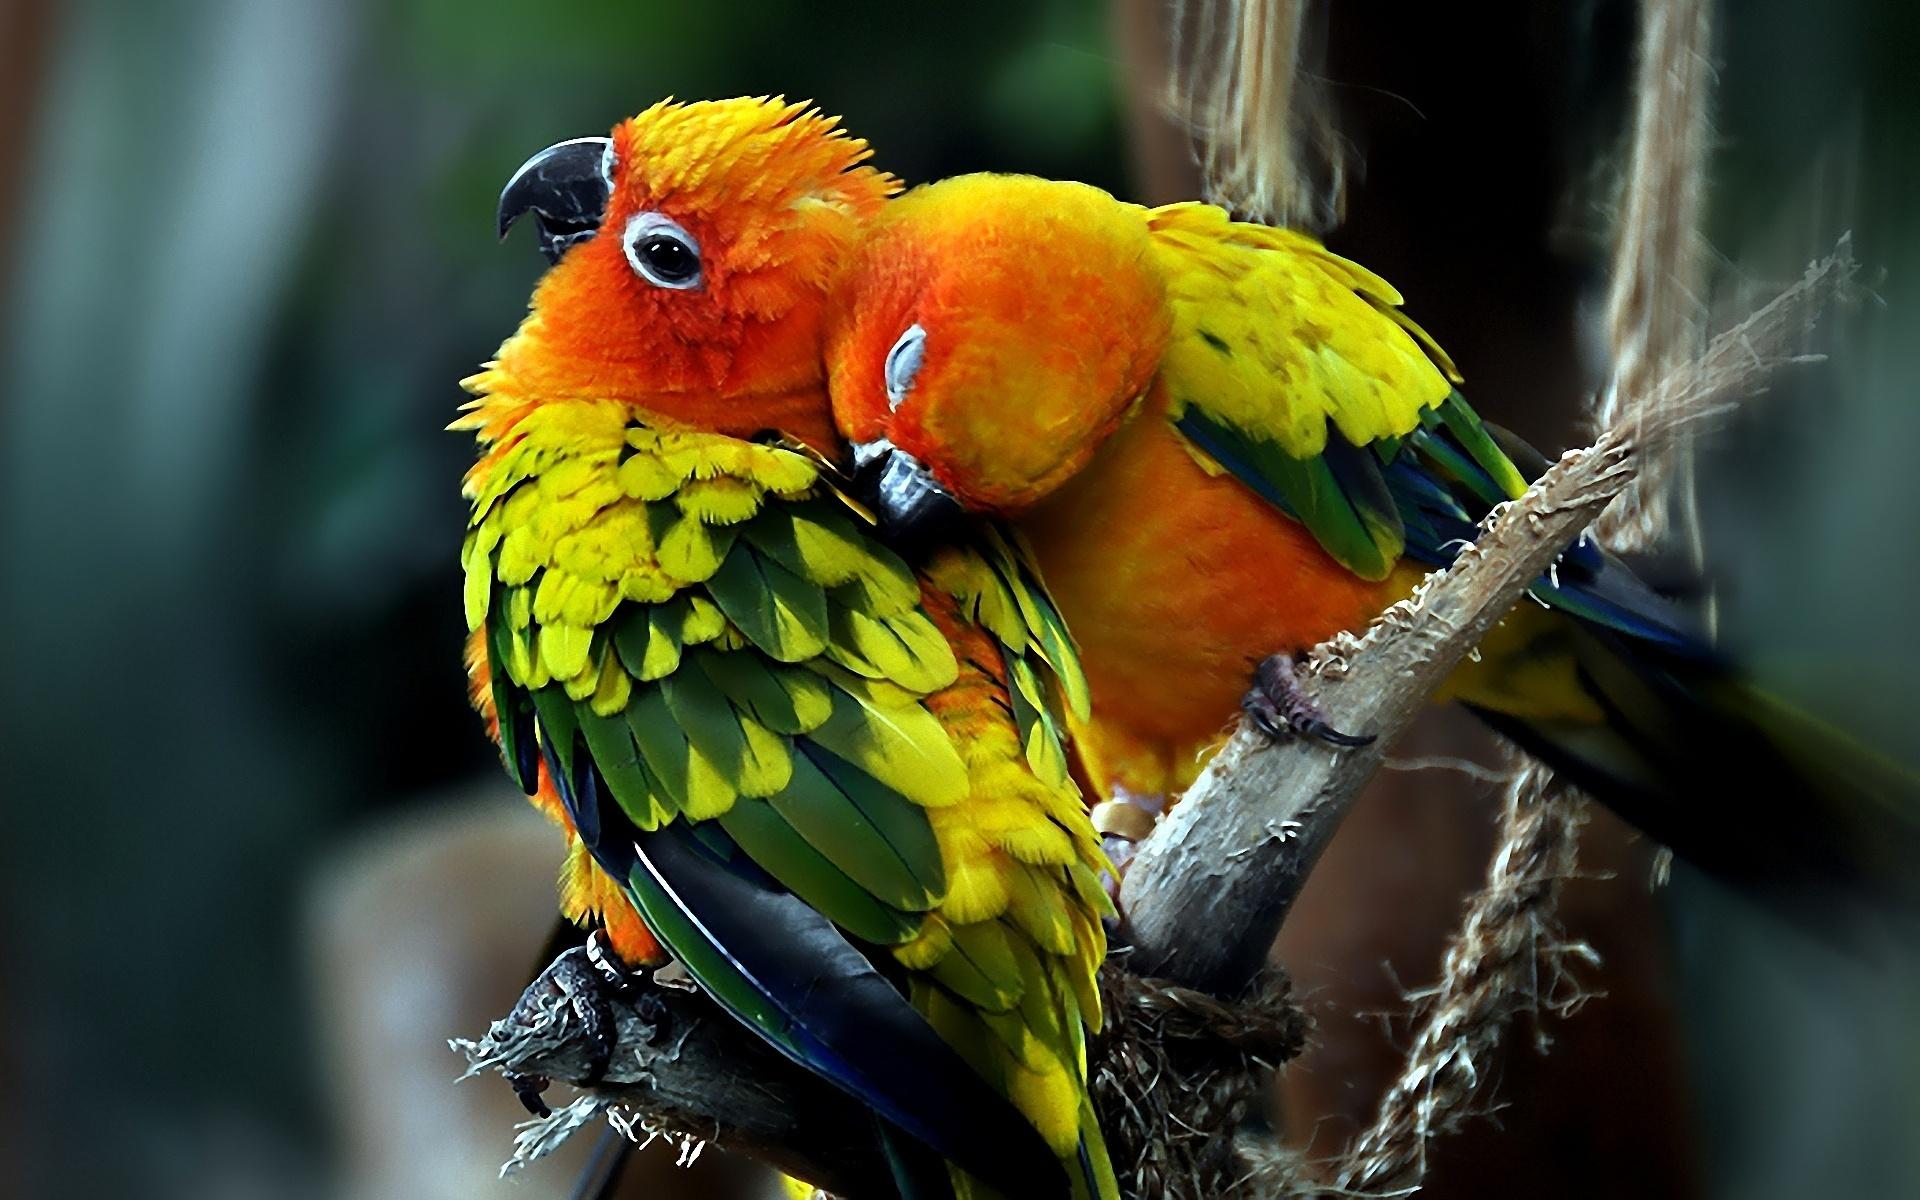 состояния сопровождаются посмотреть фото животных и птиц носящая